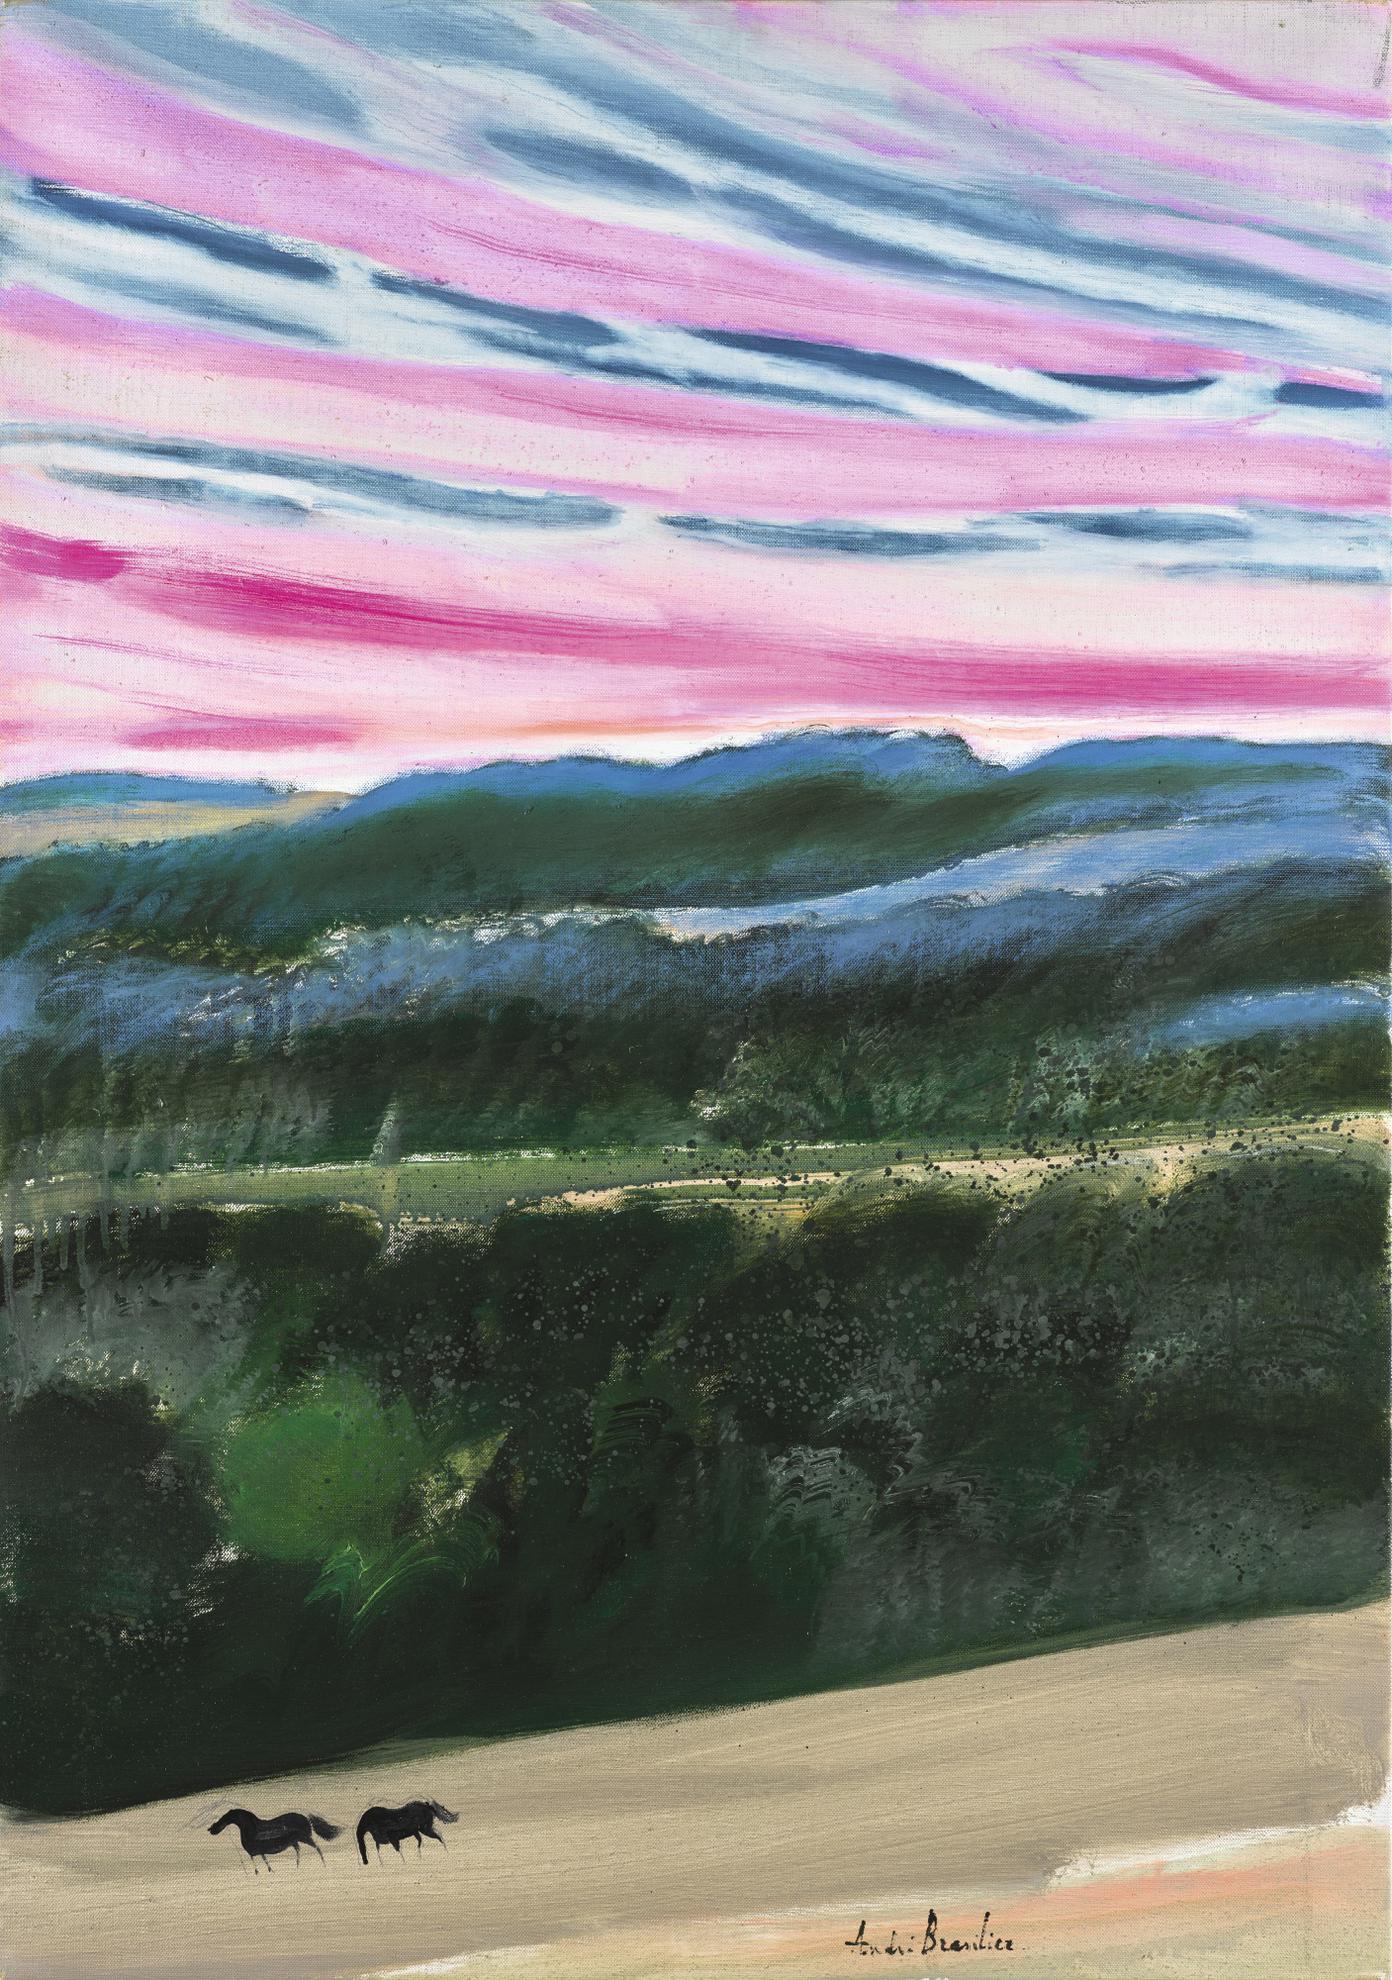 Andre Brasilier-Vallee Au Crepuscule-1988